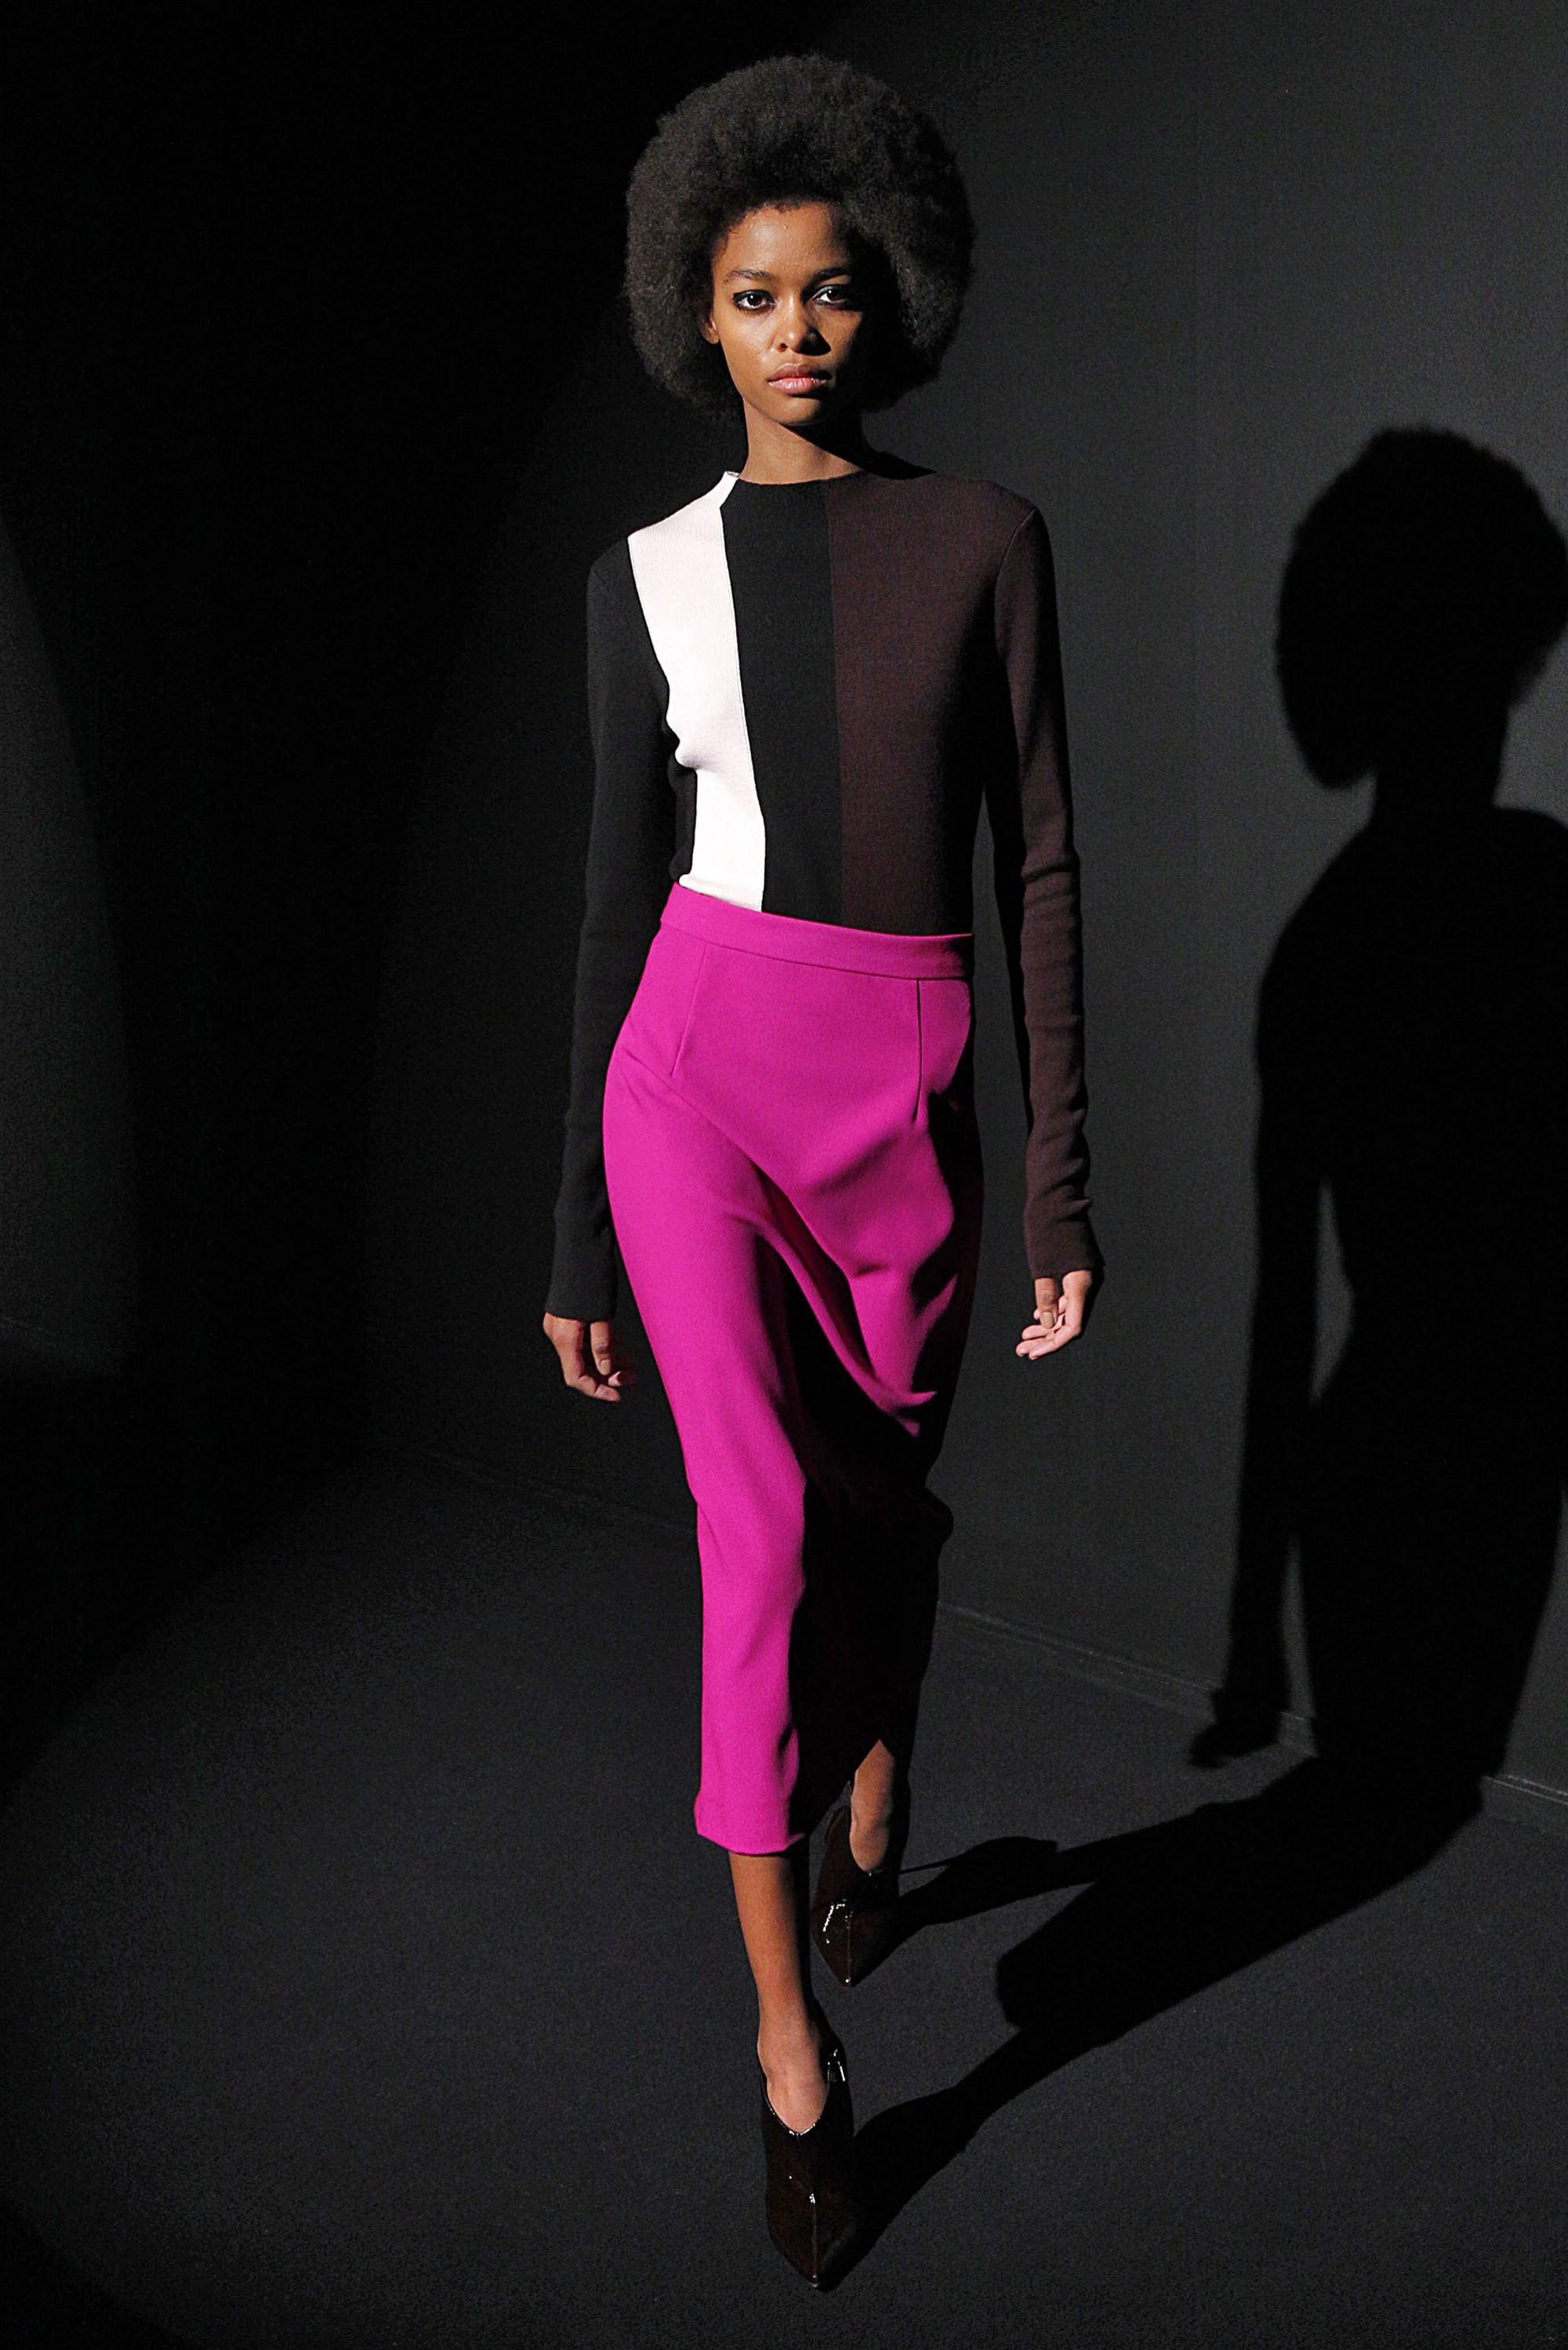 Kenzo узкая юбка миди ультрафиолетовой расцветки 2019 с кофтой темно-коричневого цвета с черной и белой полосой